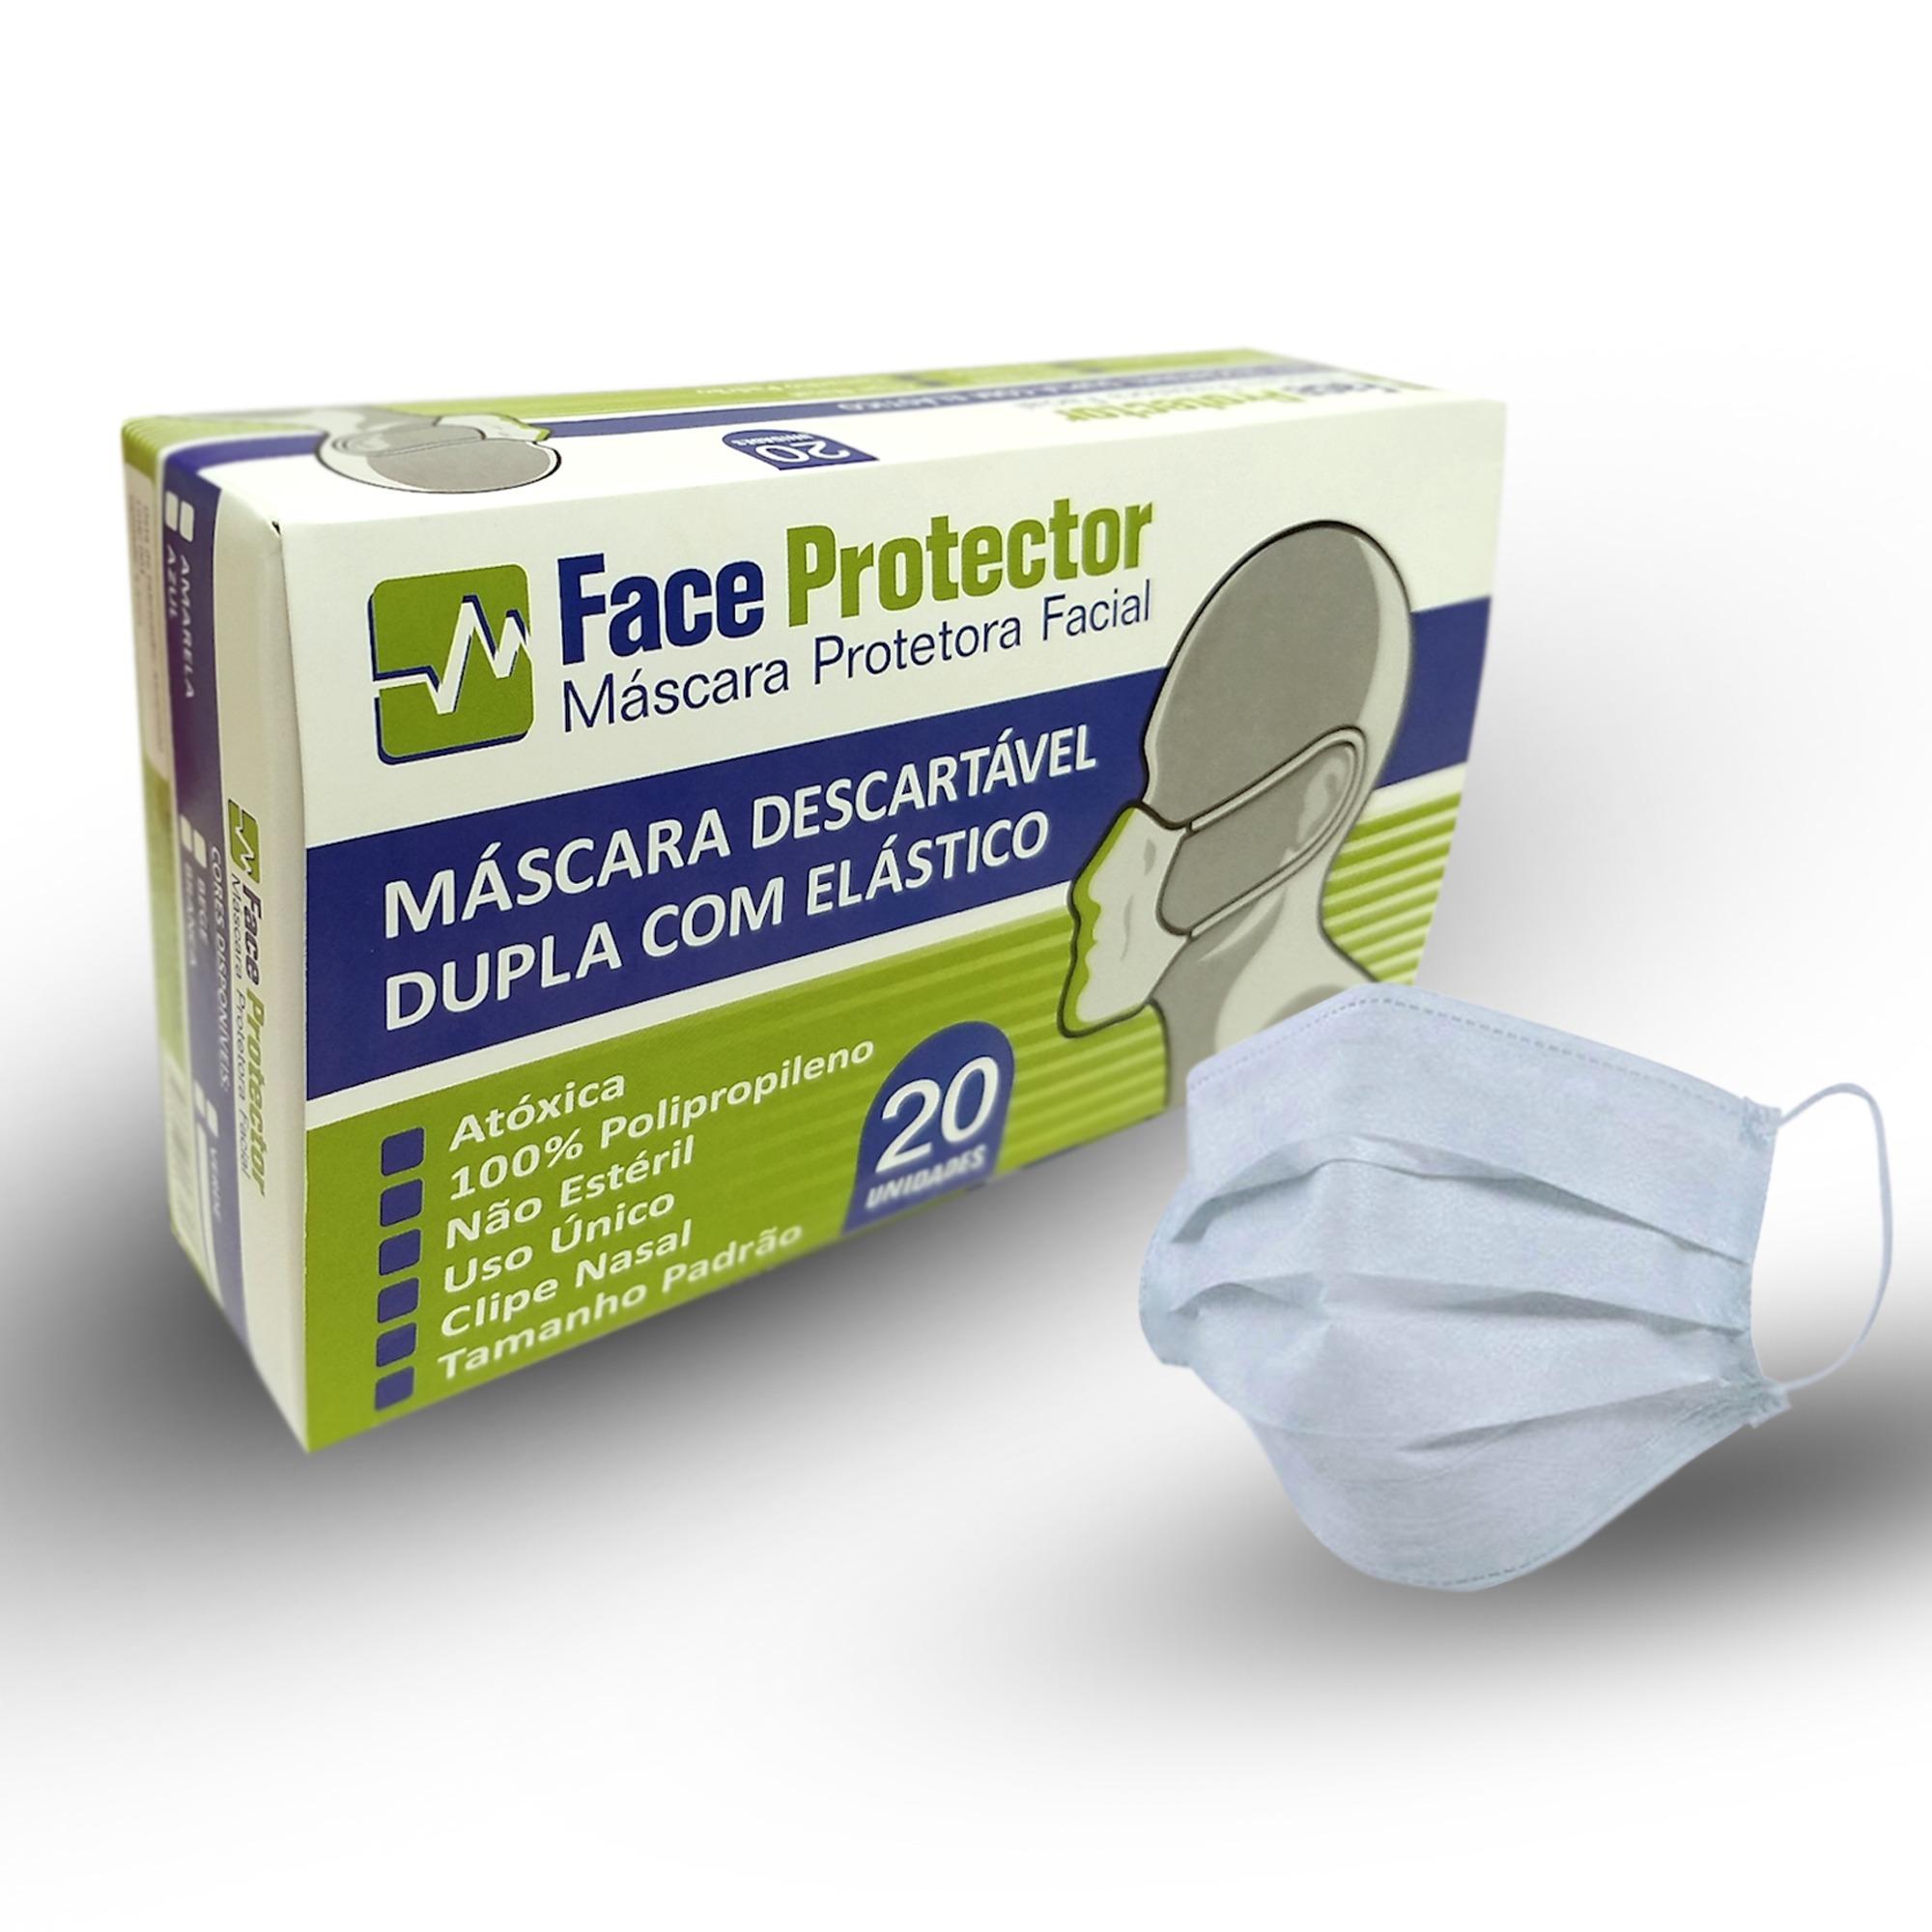 Mascara Protetora Facial Descartavel TNT Dupla Camada 40g Branca Clip Nasal 1 Caixa com 20 Unidades